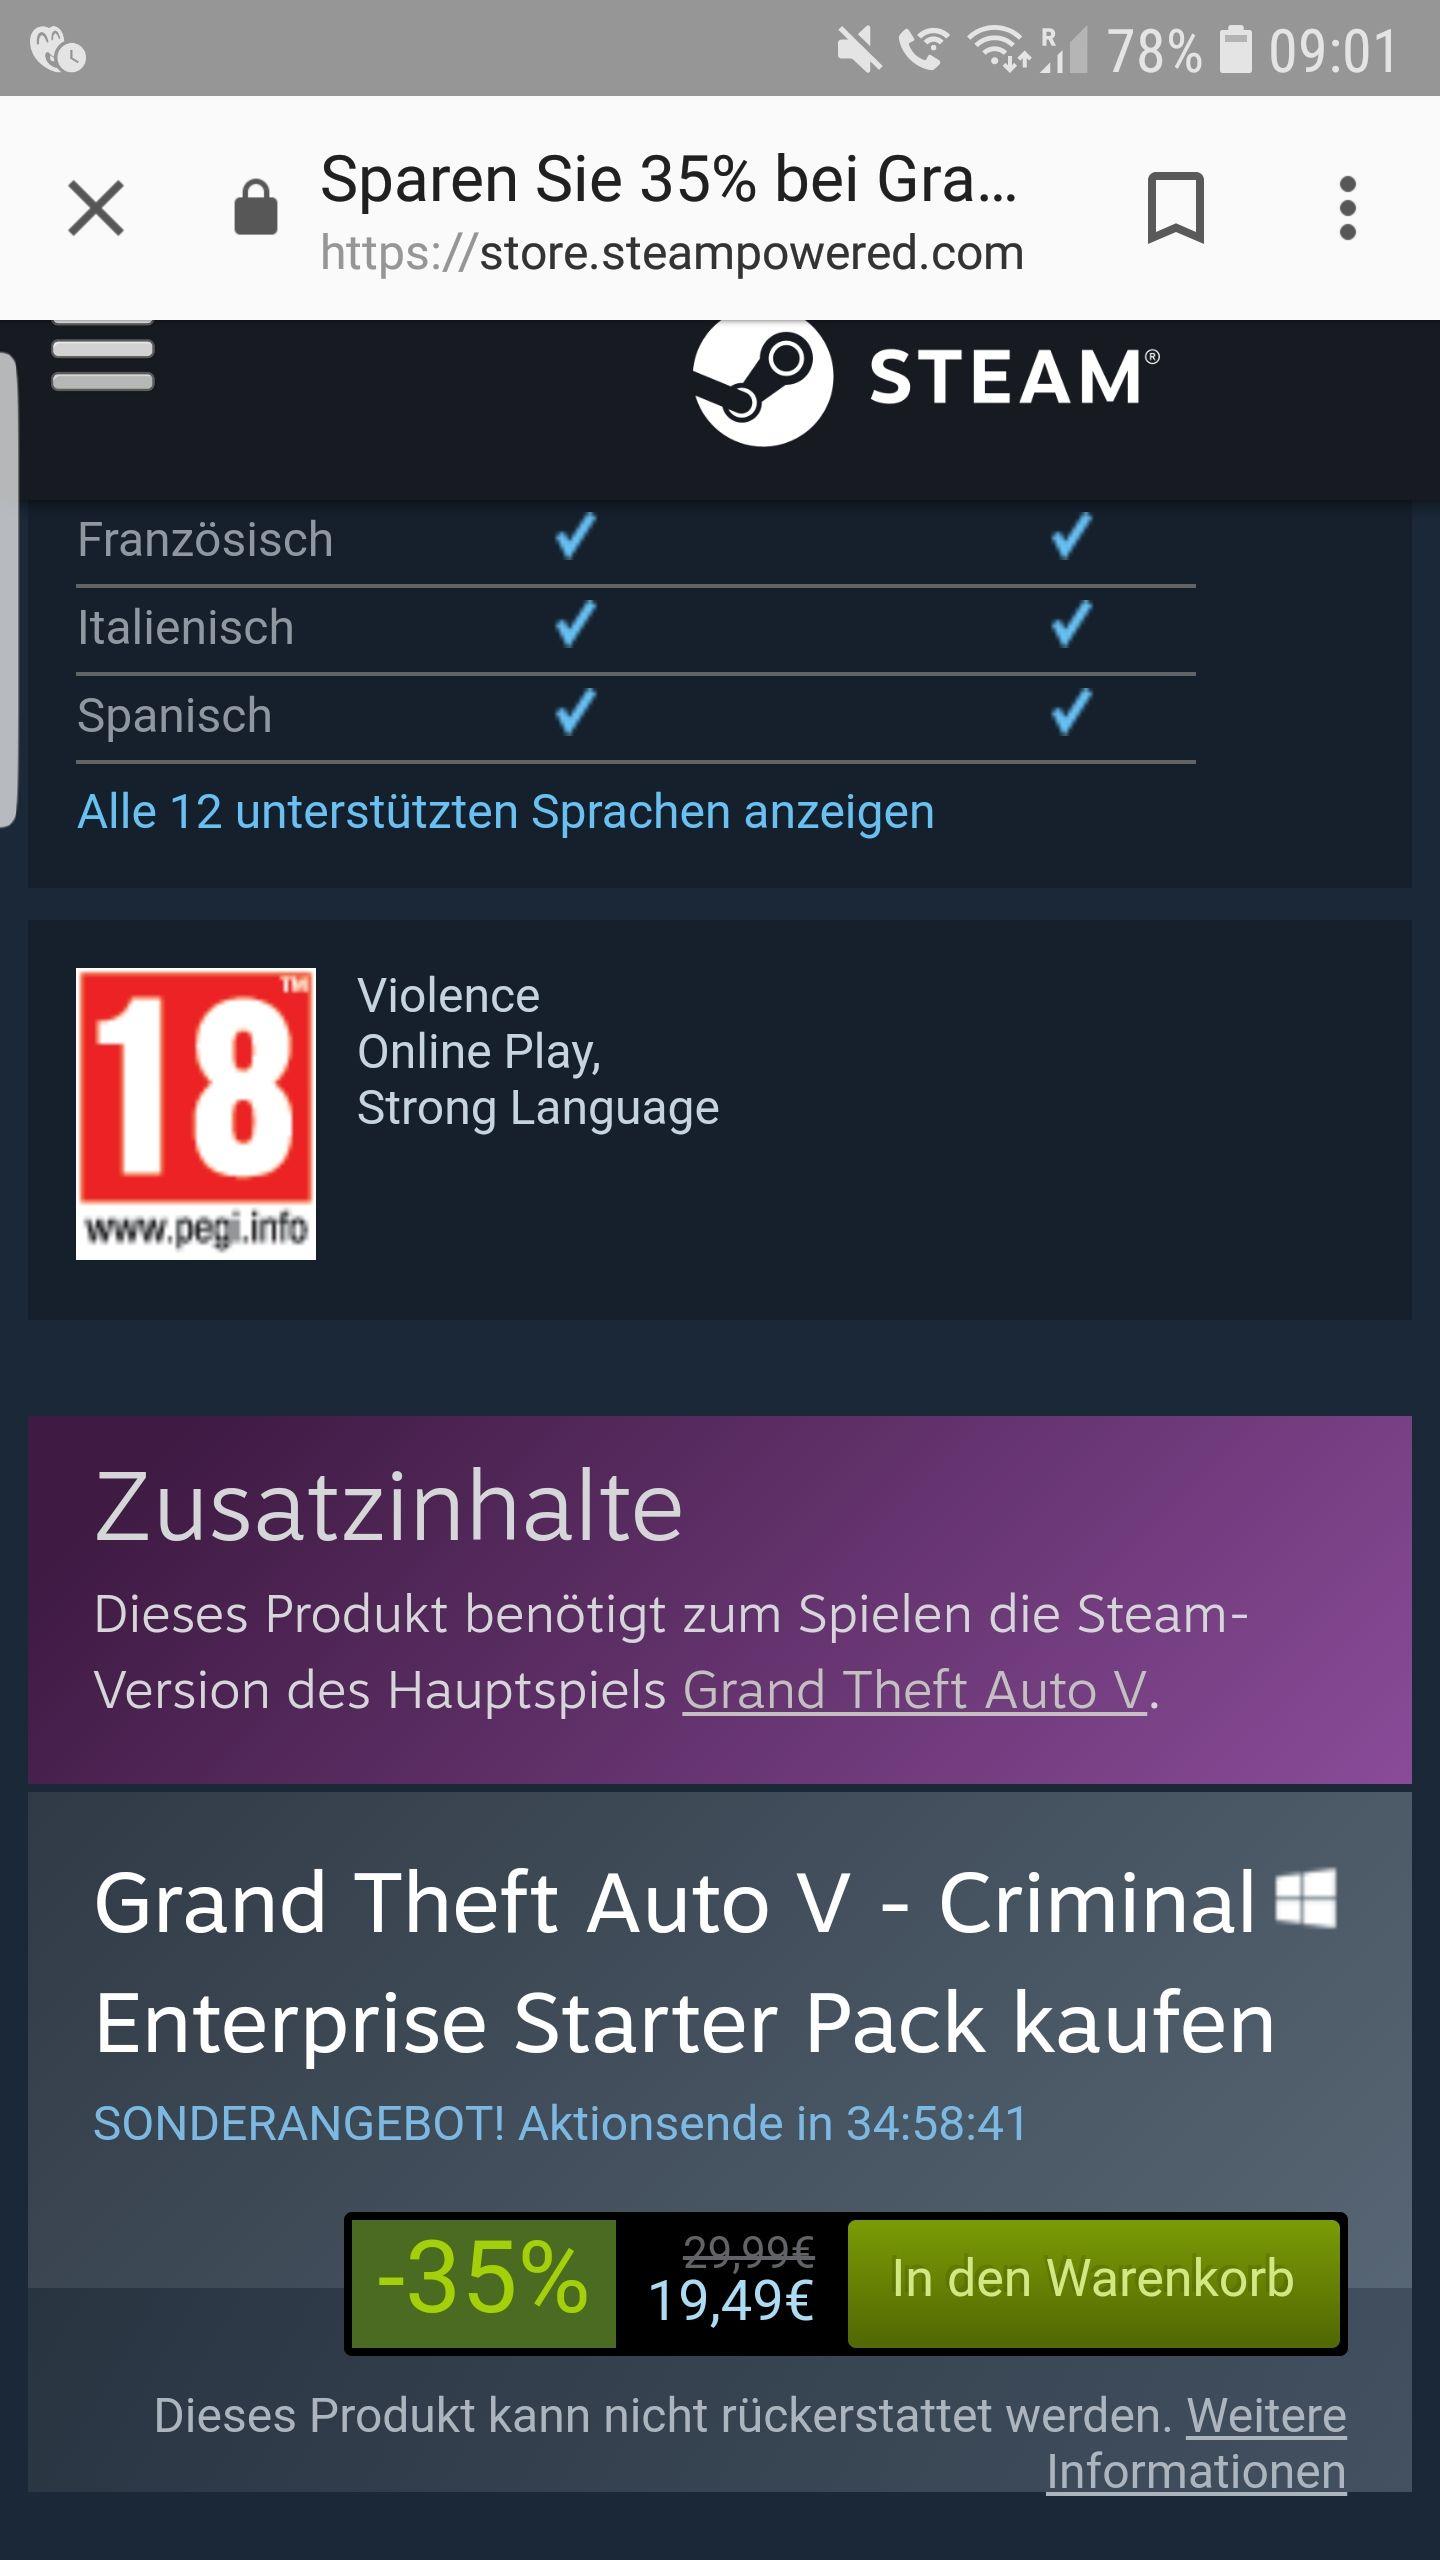 GTA V Criminel Enterprise Starter Pack